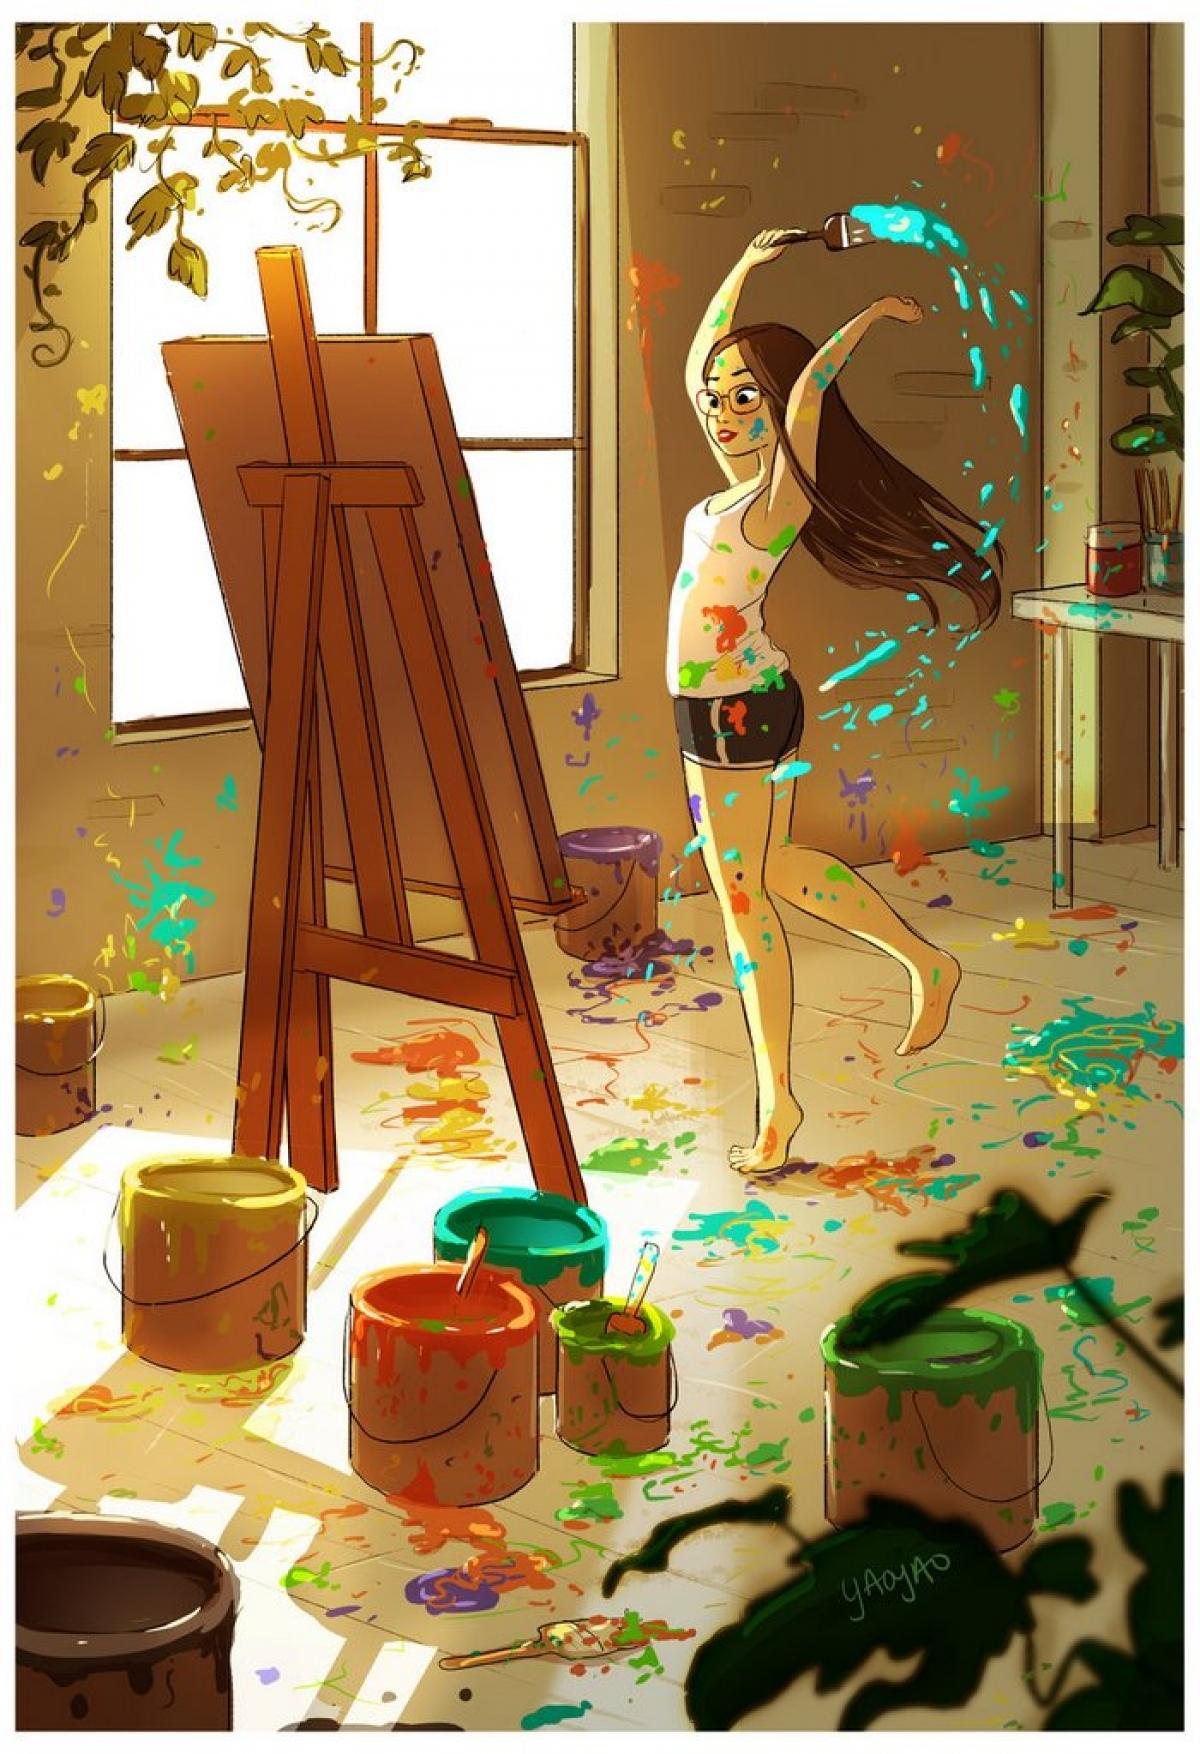 Độc thân, con gái vẫn hạnh phúc và biết cách tận hưởng cuộc sống